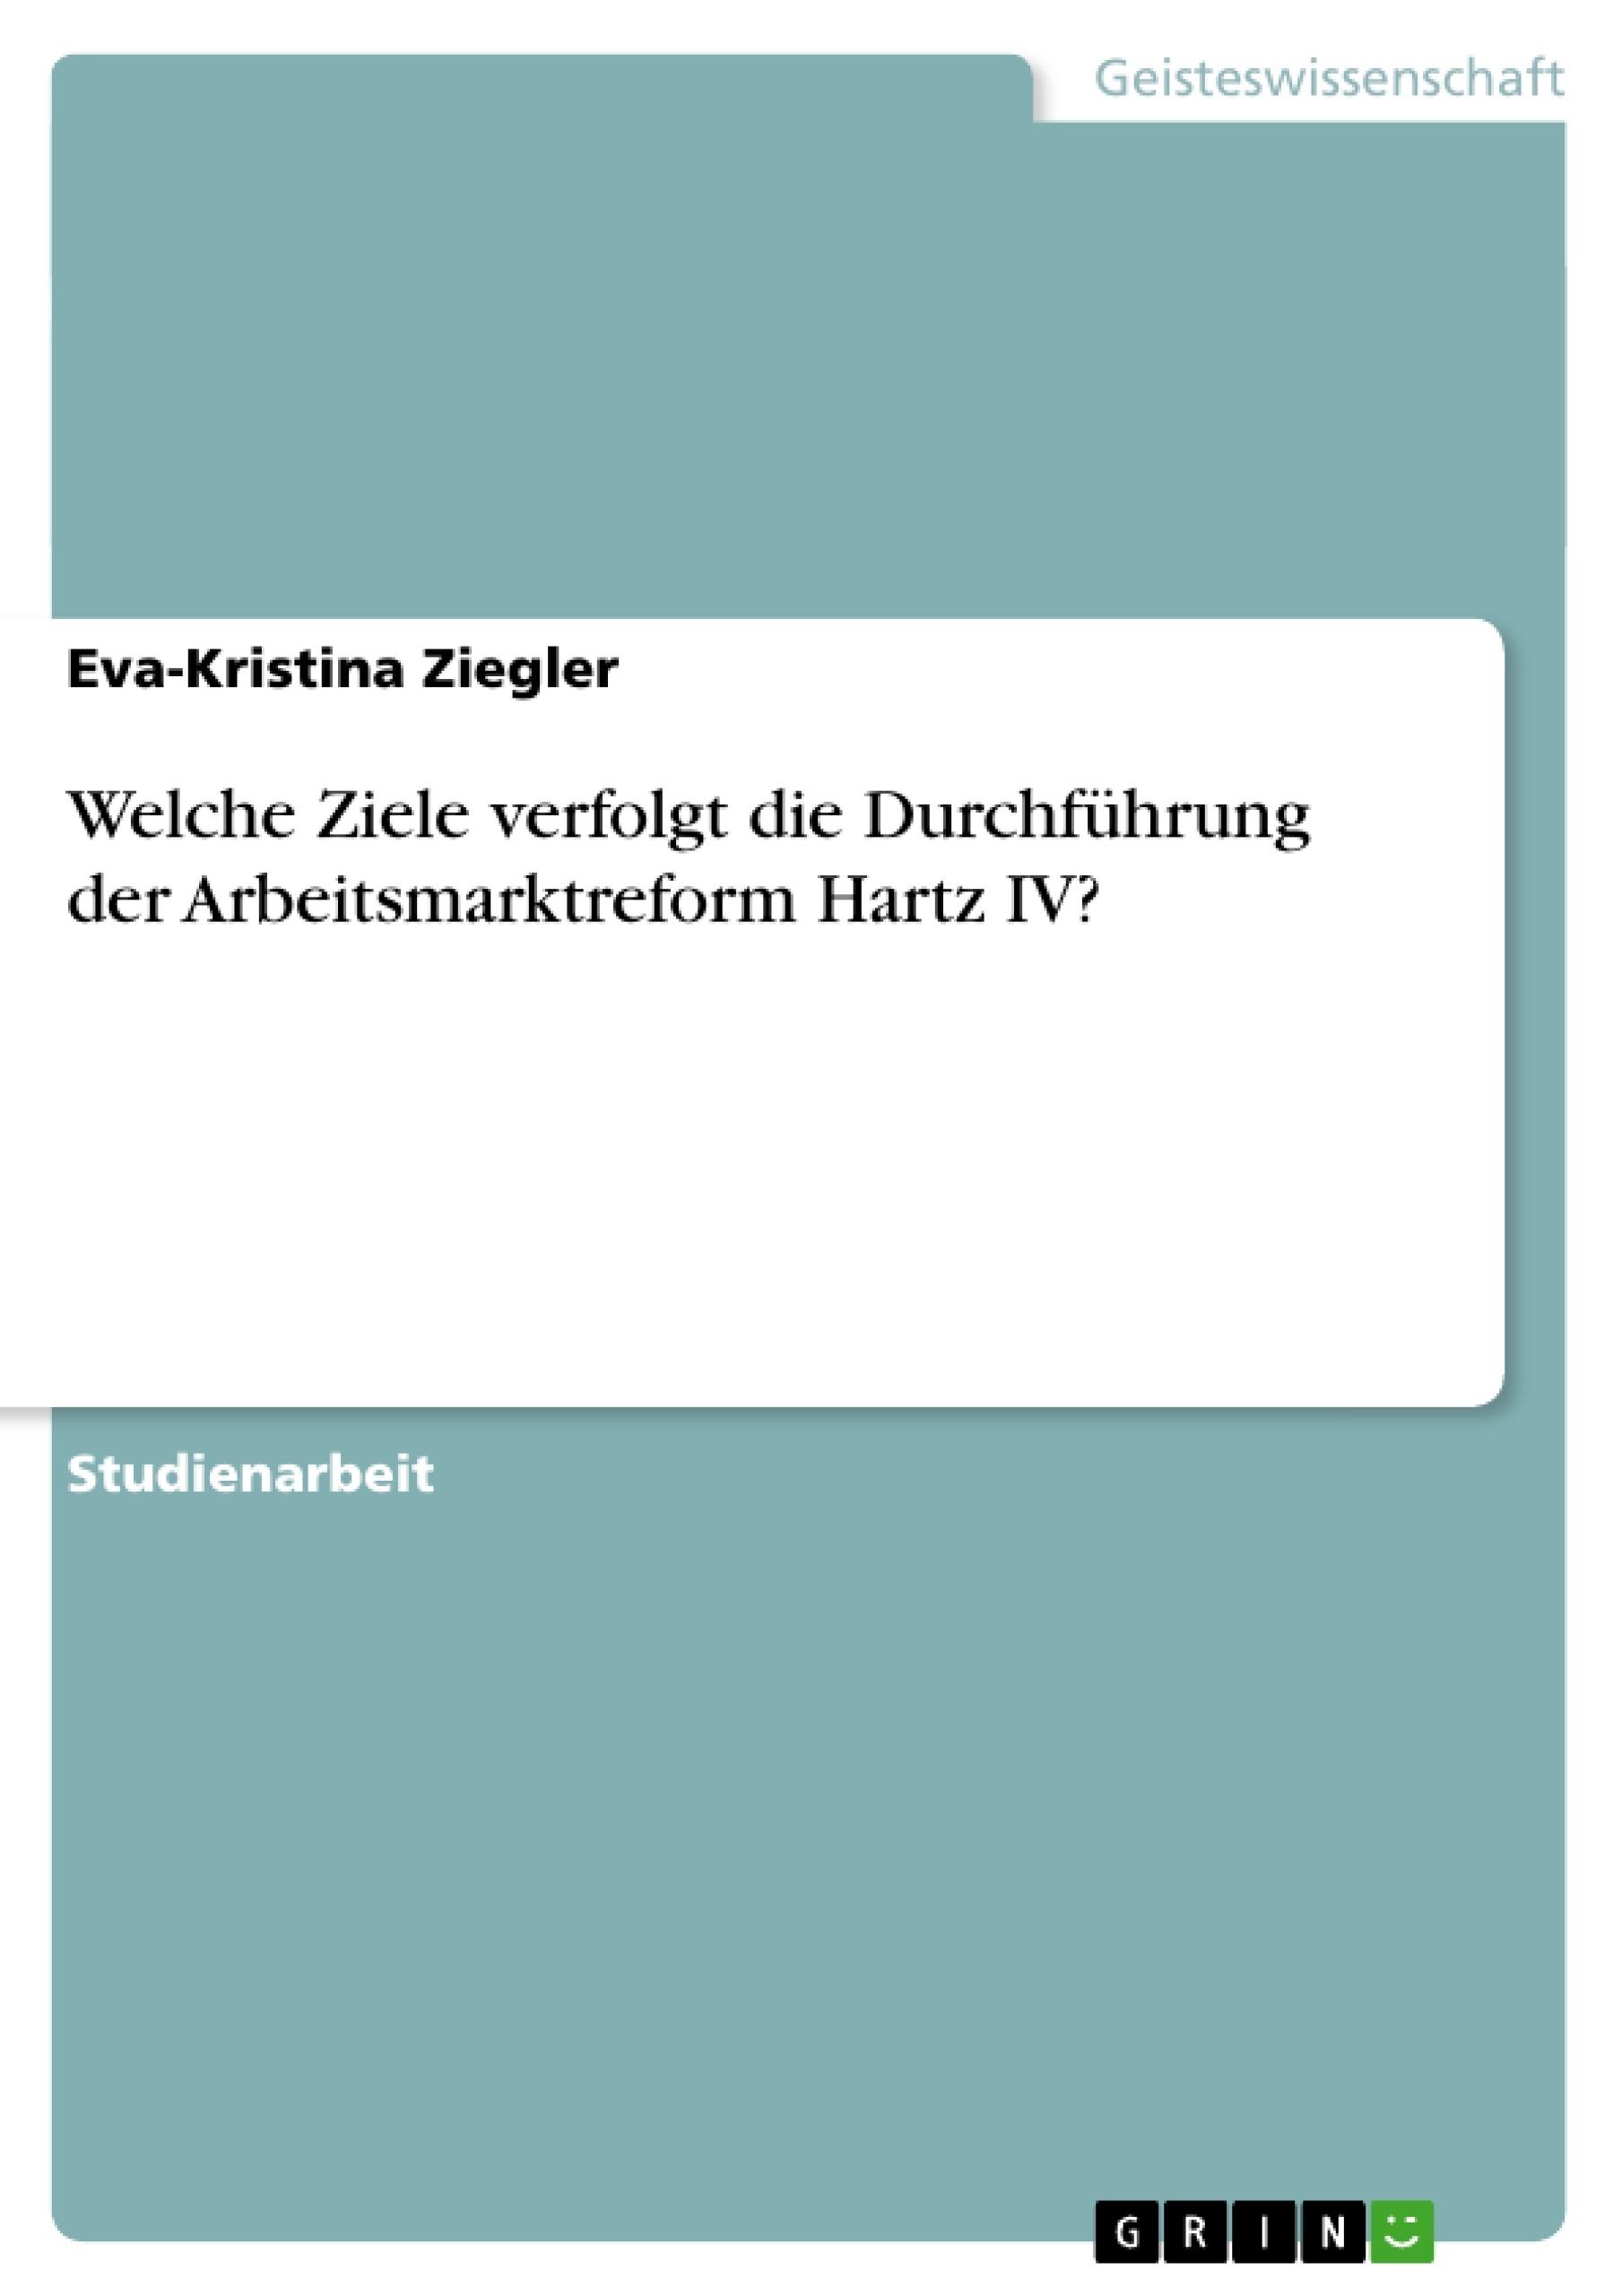 Titel: Welche Ziele verfolgt die Durchführung der Arbeitsmarktreform Hartz IV?